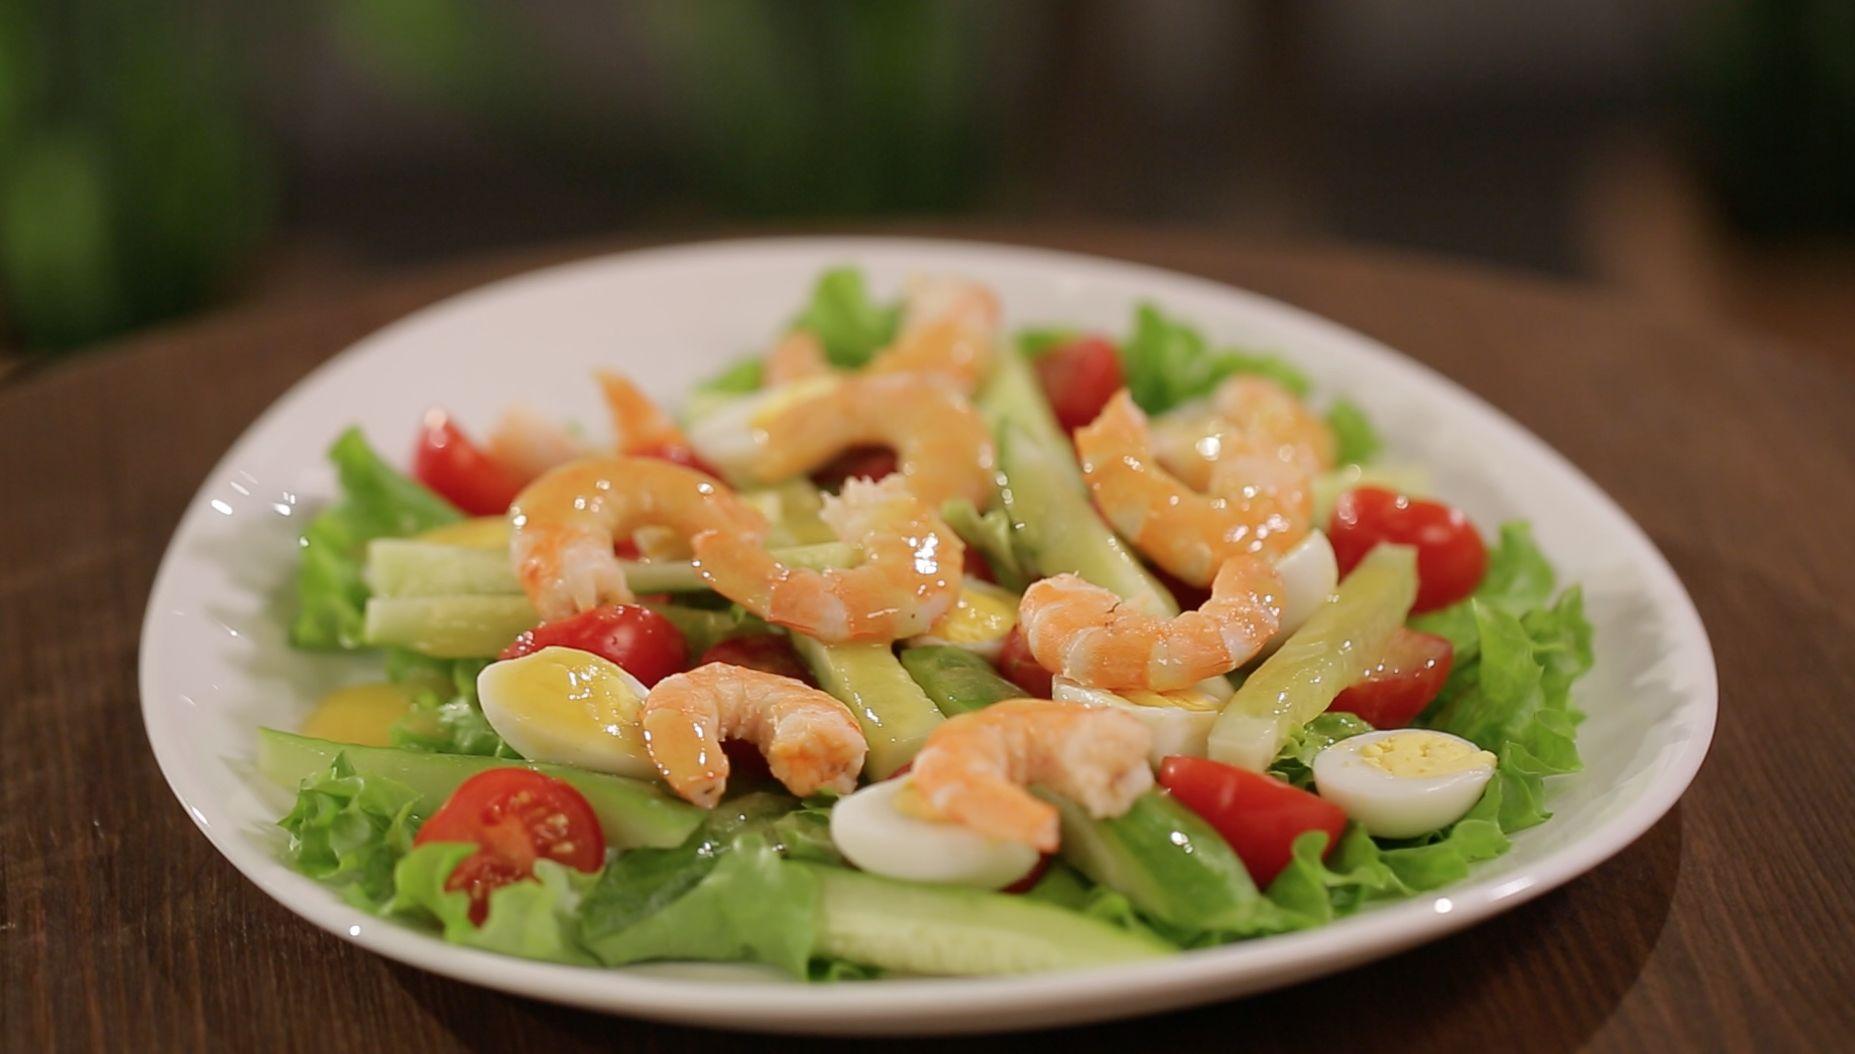 Салат с креветками и яйцами рецепт